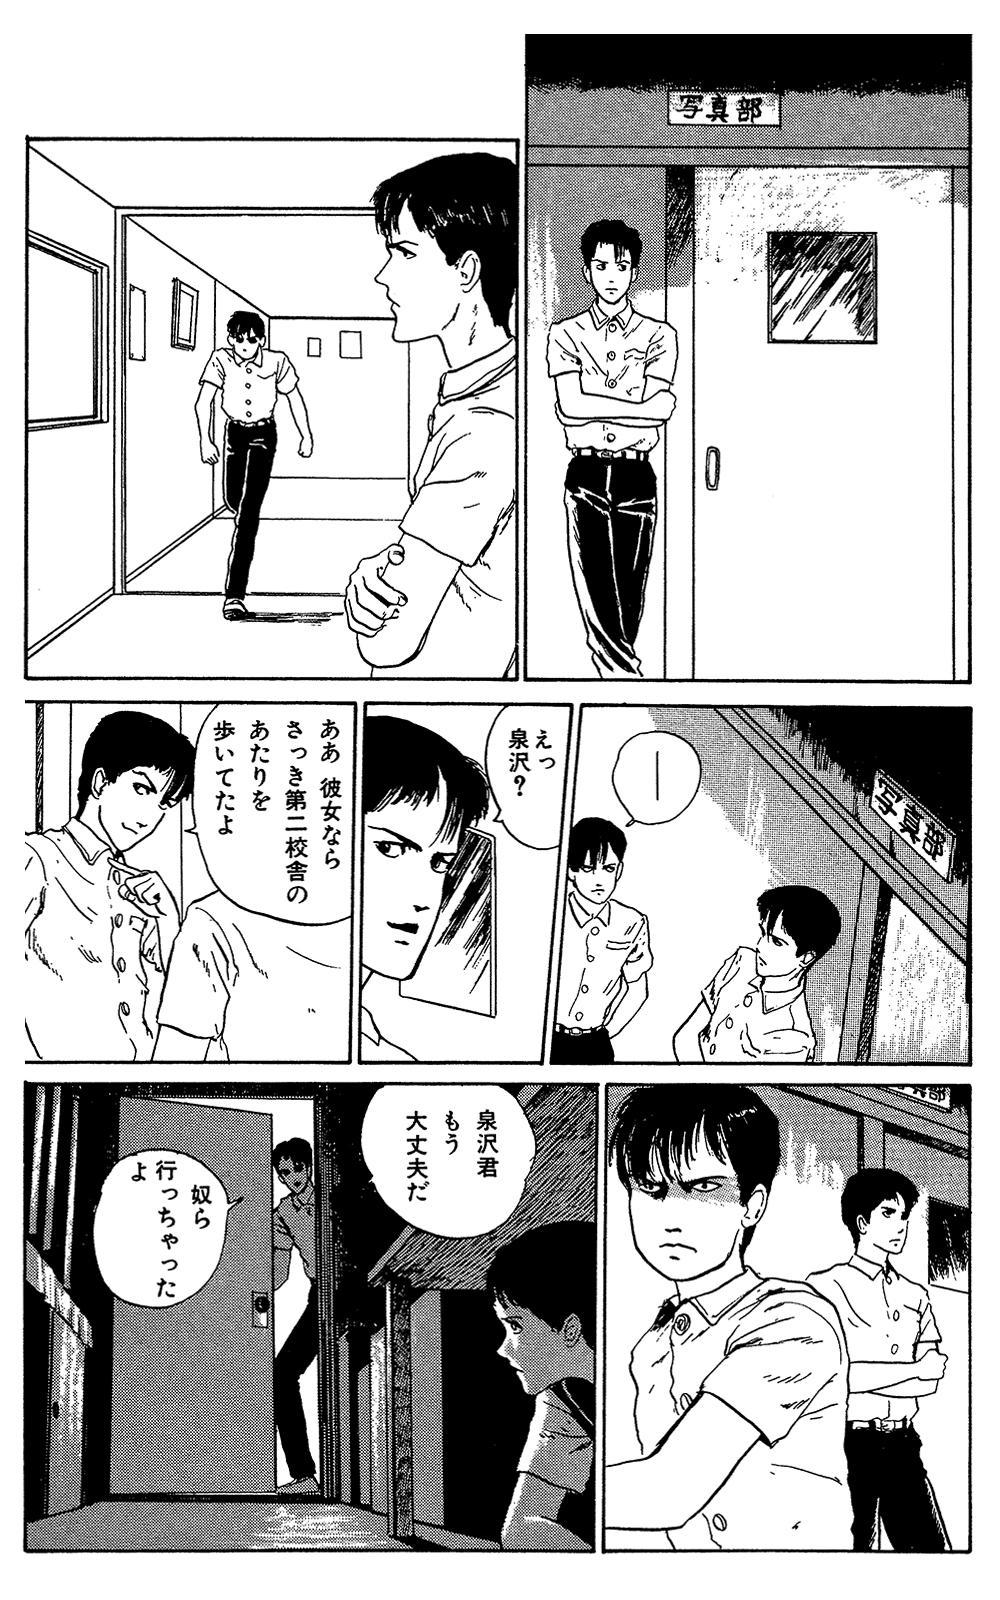 伊藤潤二傑作集 第4話「富江 写真」③junji12-10.jpg